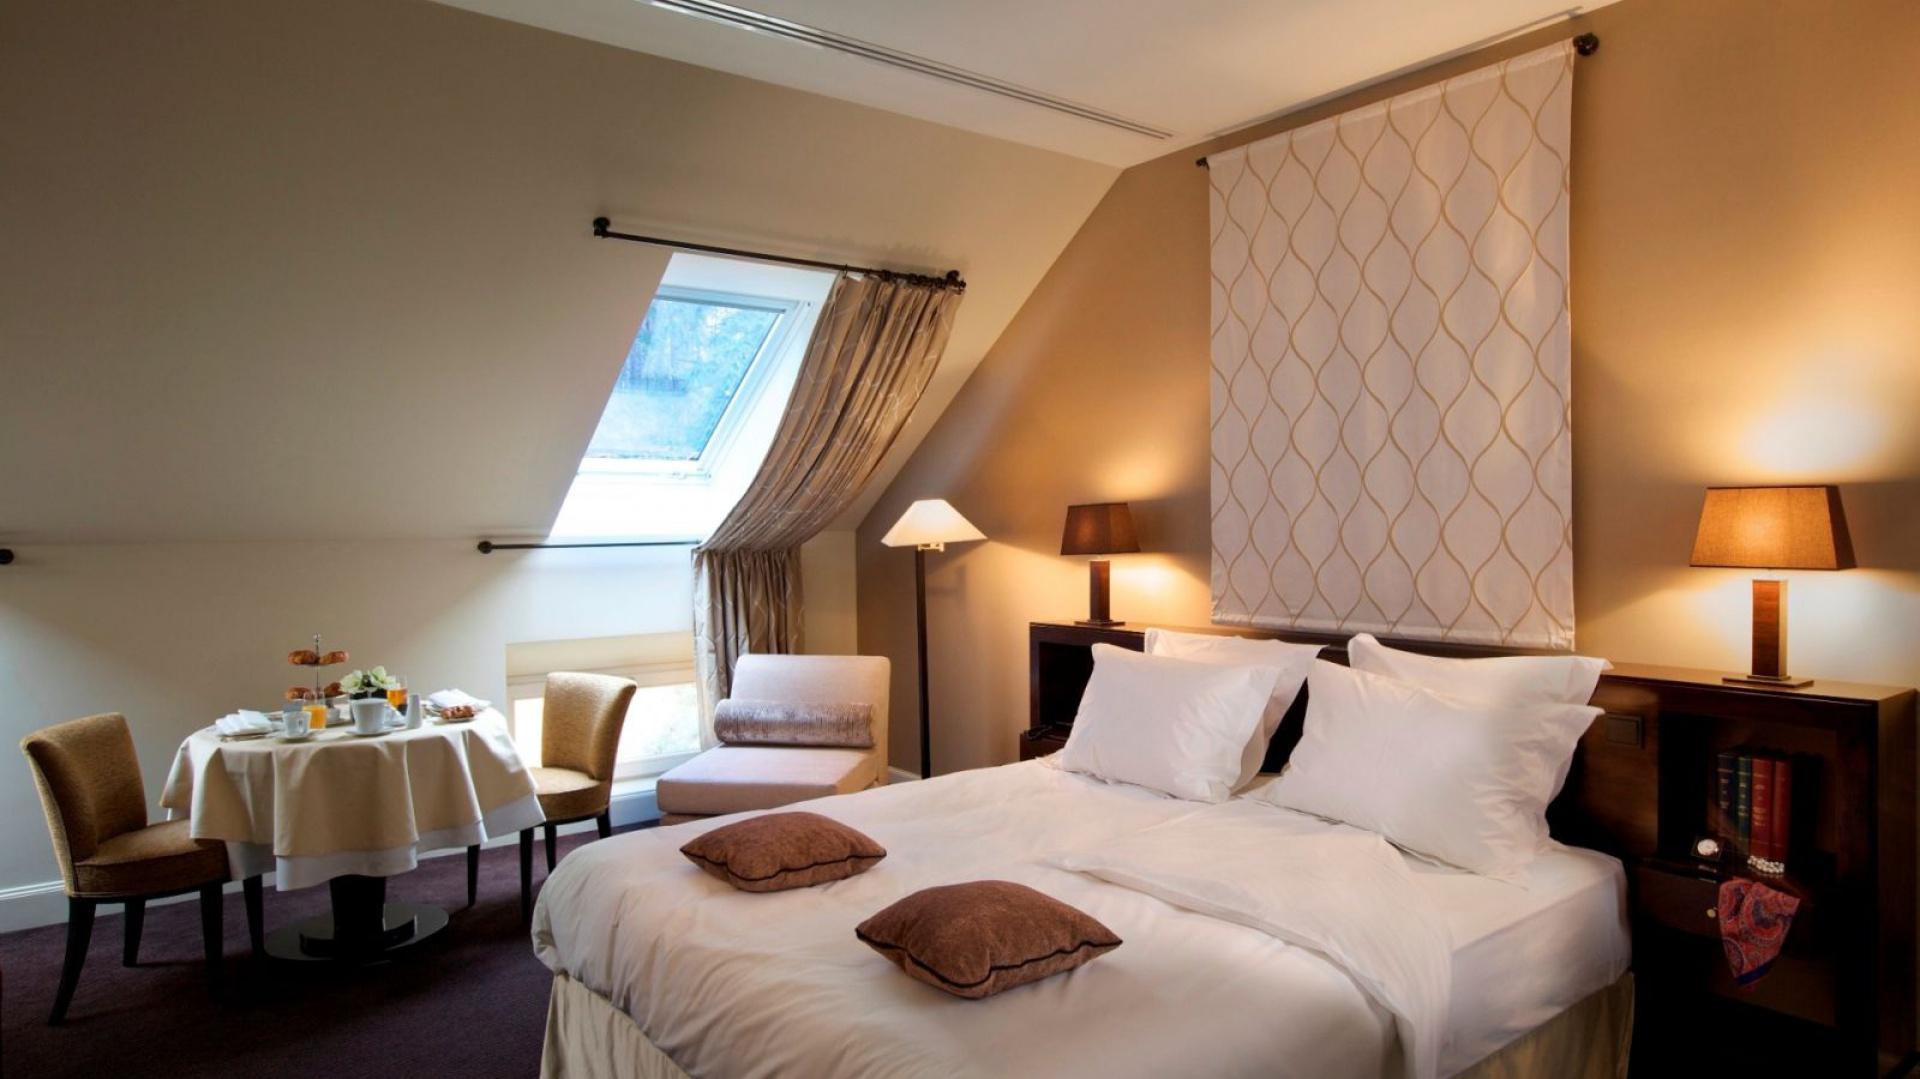 Modrzewie Park Hotel Beige Harmony.jpg